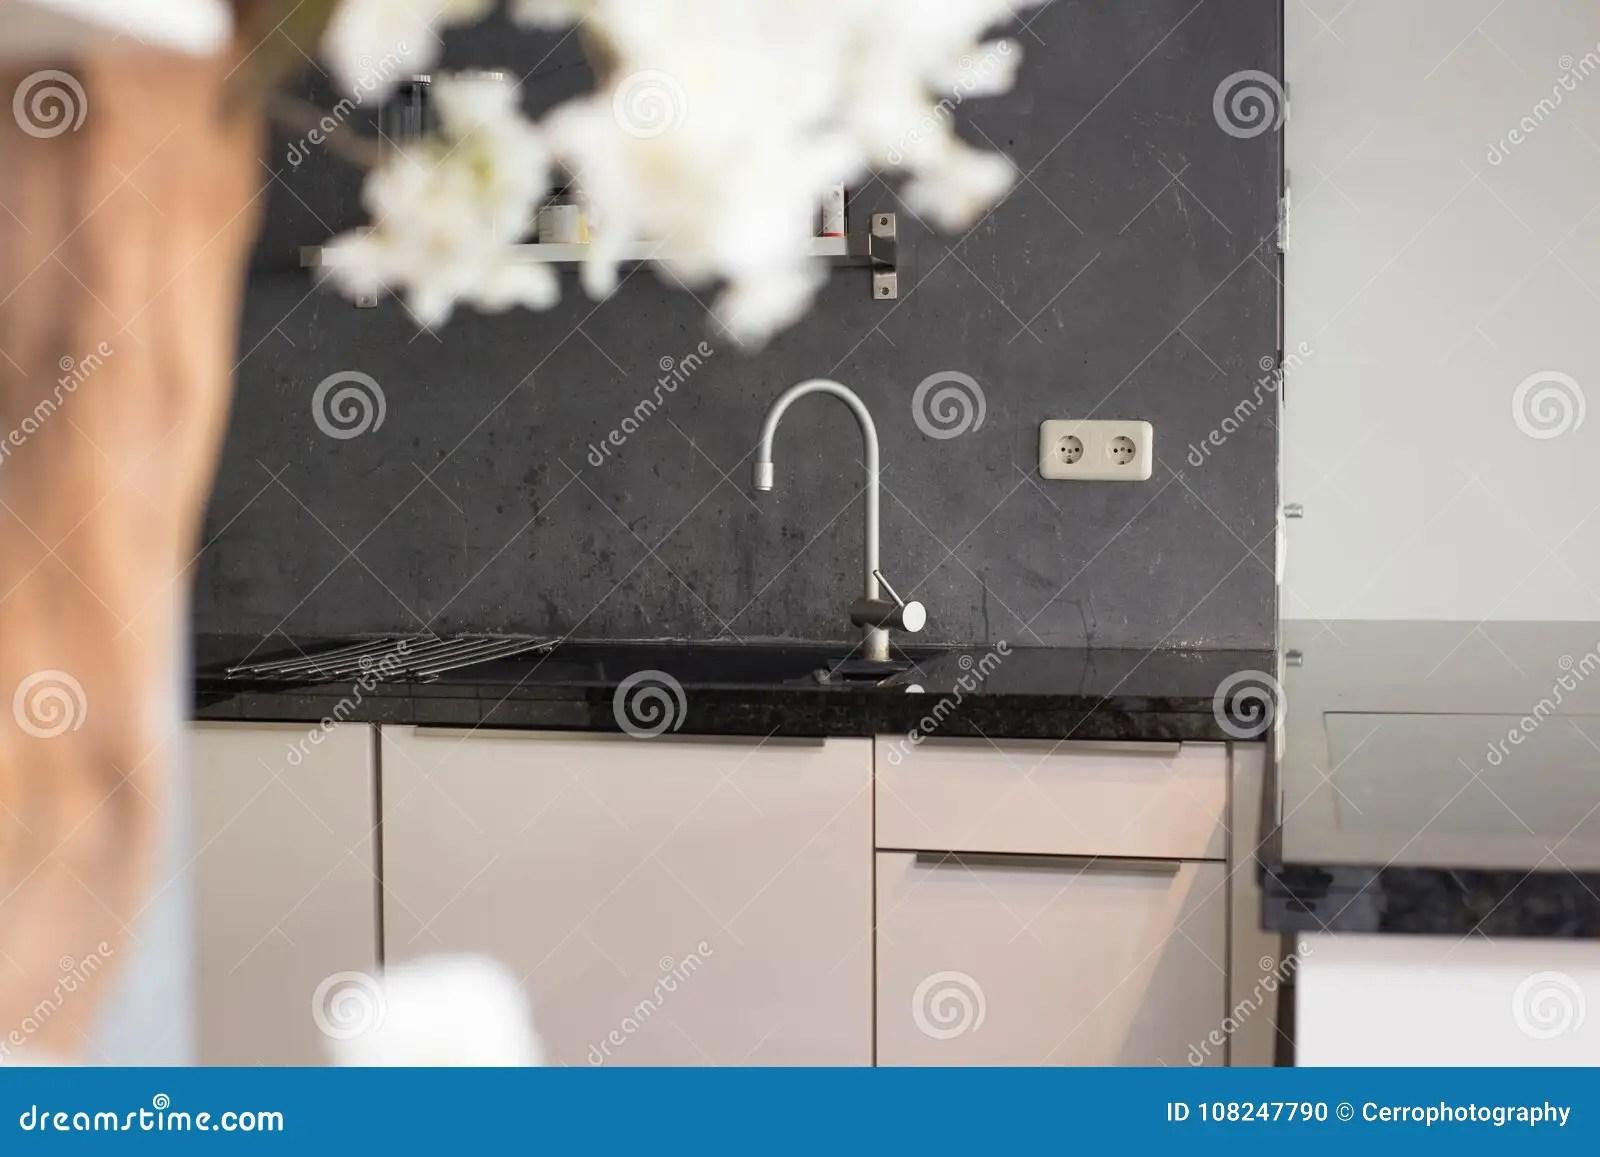 new kitchen sink birkenstock clogs 与灰色墙壁的新的厨房水槽现代设计库存照片 图片包括有高雅 投反对票 与灰色walll的新的厨房水槽现代设计和银轻拍